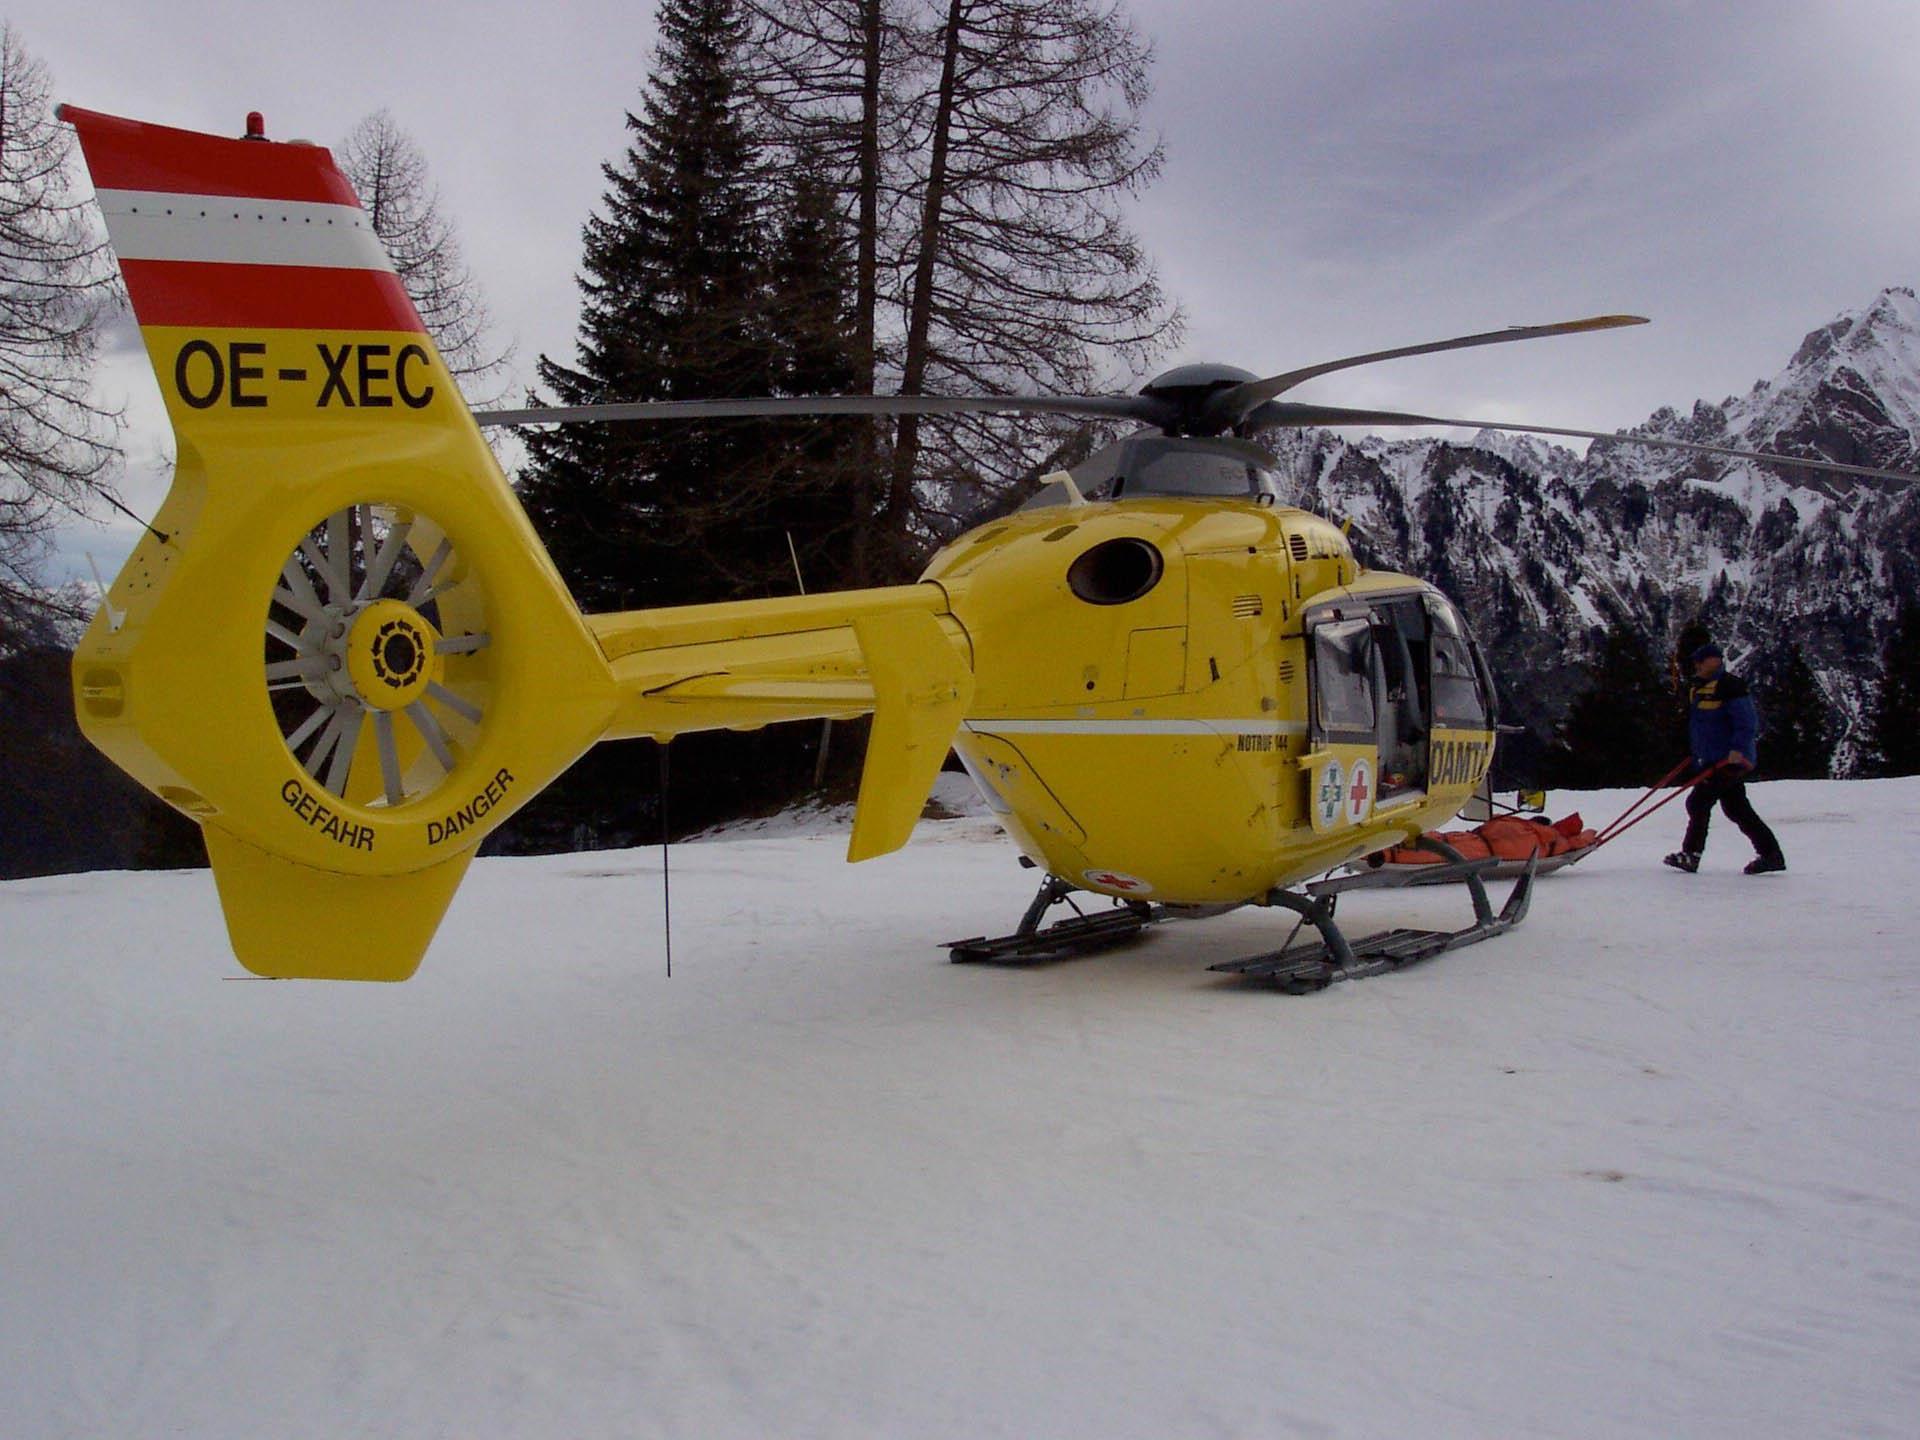 Mann nach Skiunfall schwerverletzt von Rettungshubschrauber geborgen.